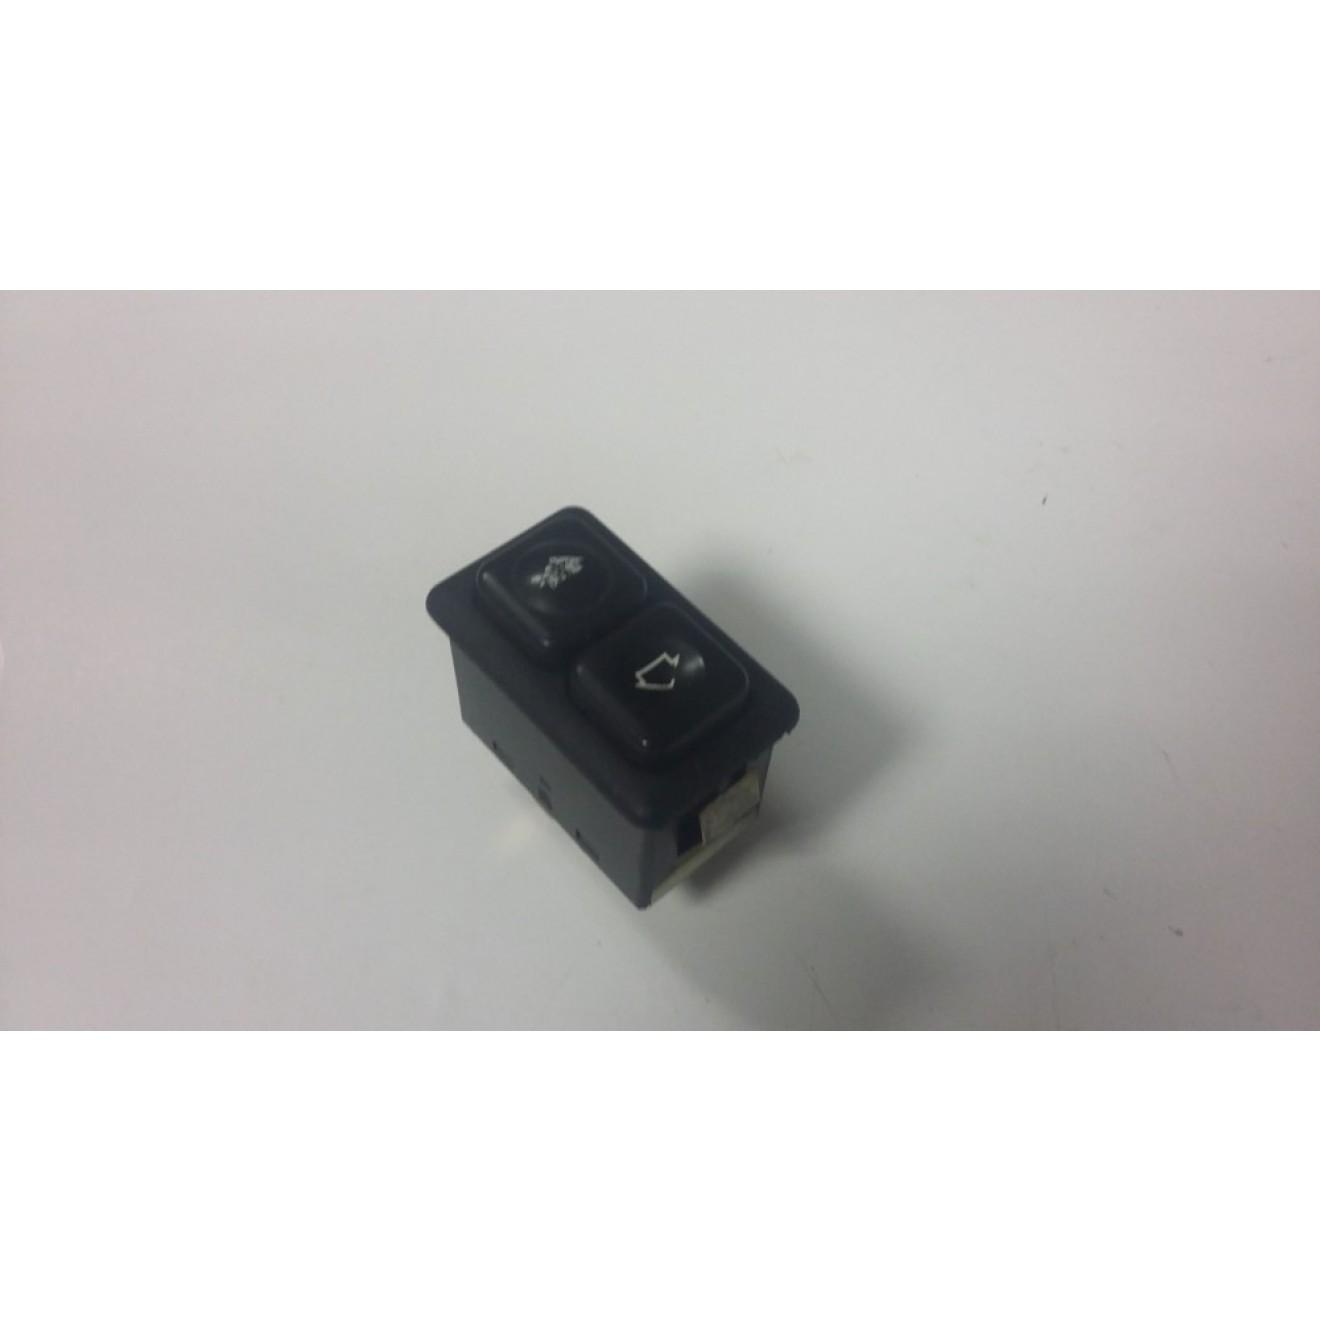 Schalter für elektrisches Faltdach Joy, ABS-Auto-Center - OPEL ...